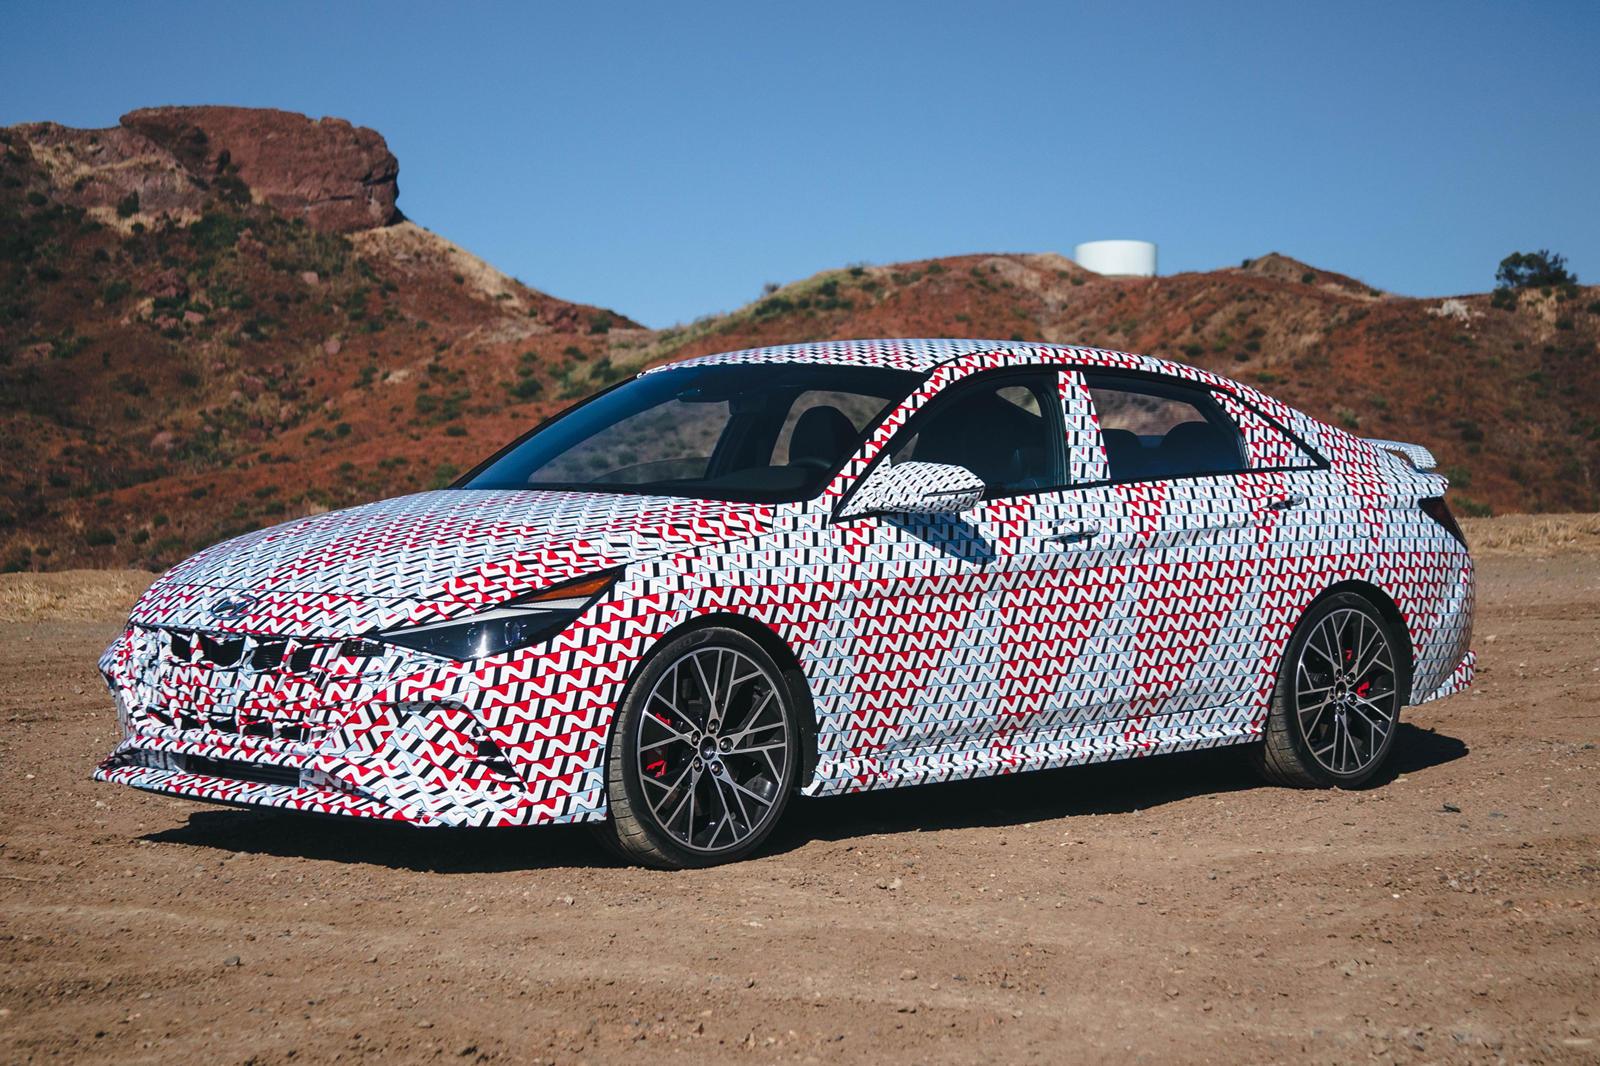 Hyundai заявляет, что по-прежнему привержен устойчивой электронной производительности с новым мышлением бренда: делайте больше, чем просто водите машину. Наслаждайтесь каждой секундой. Наряду с новым слоганом «Never just drive» Hyundai расширит линей